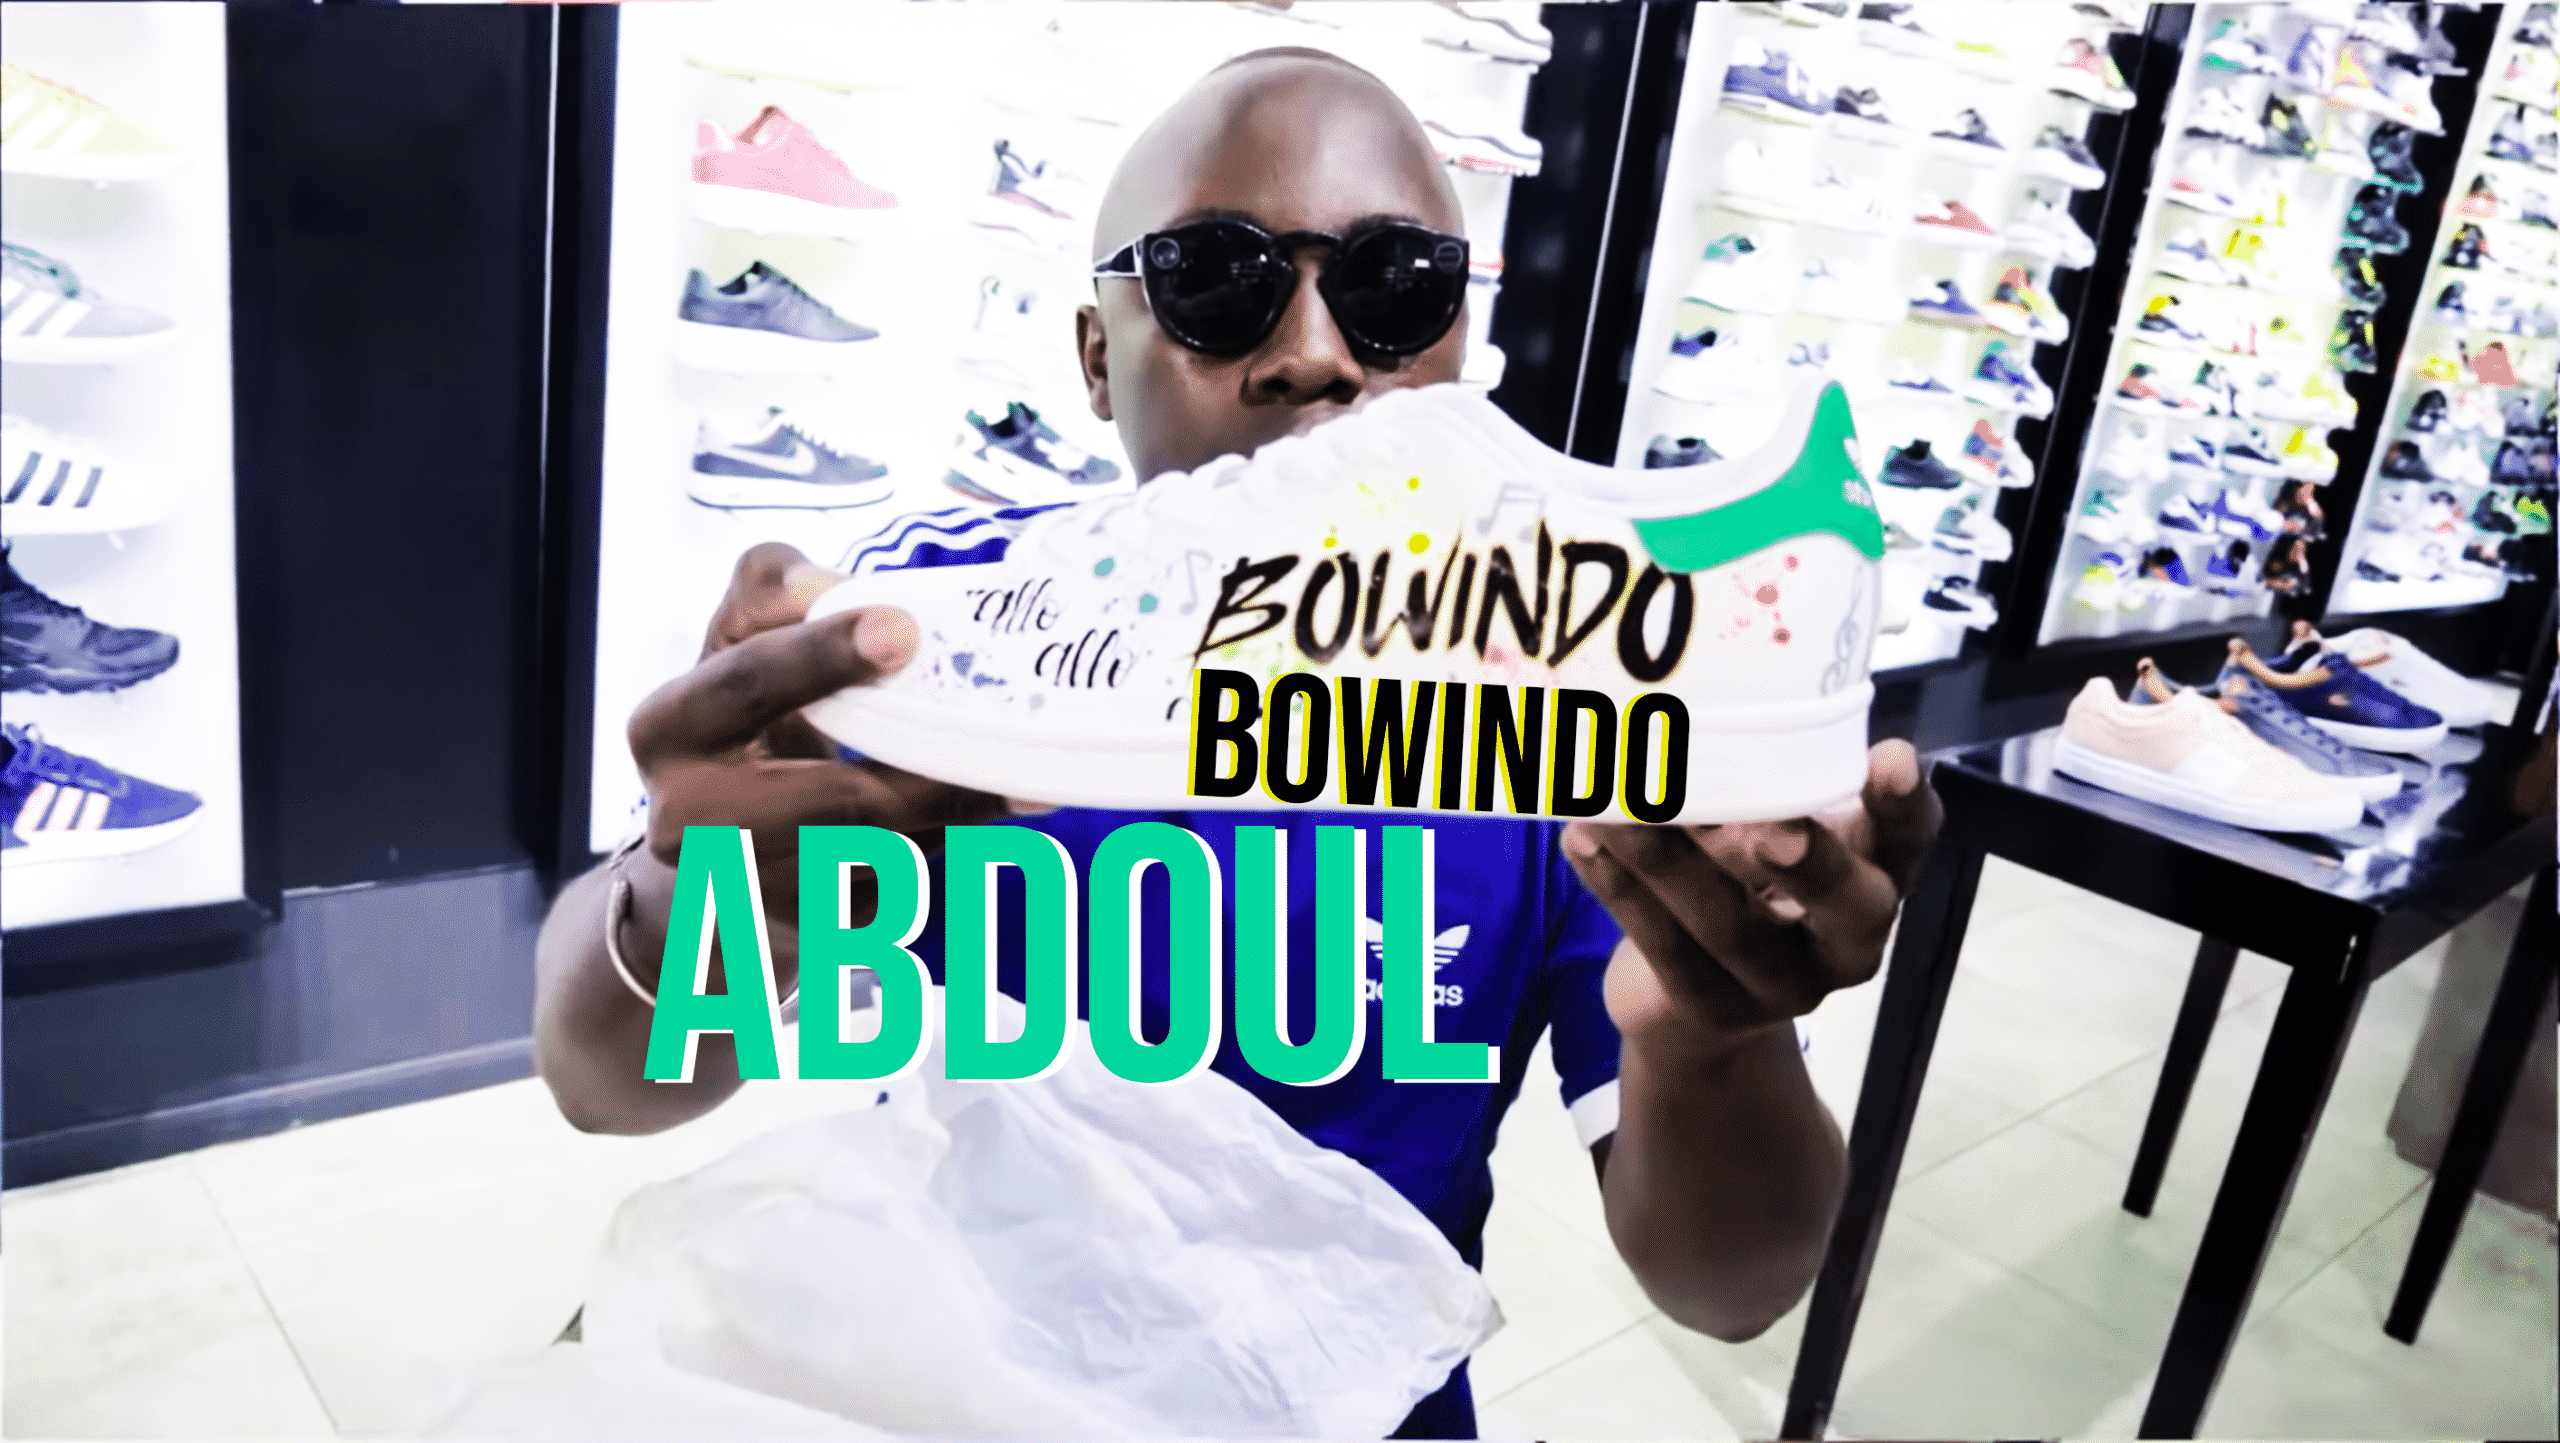 Bowindo, le nouveau tube viral d'Abdoul et Dj Sebb